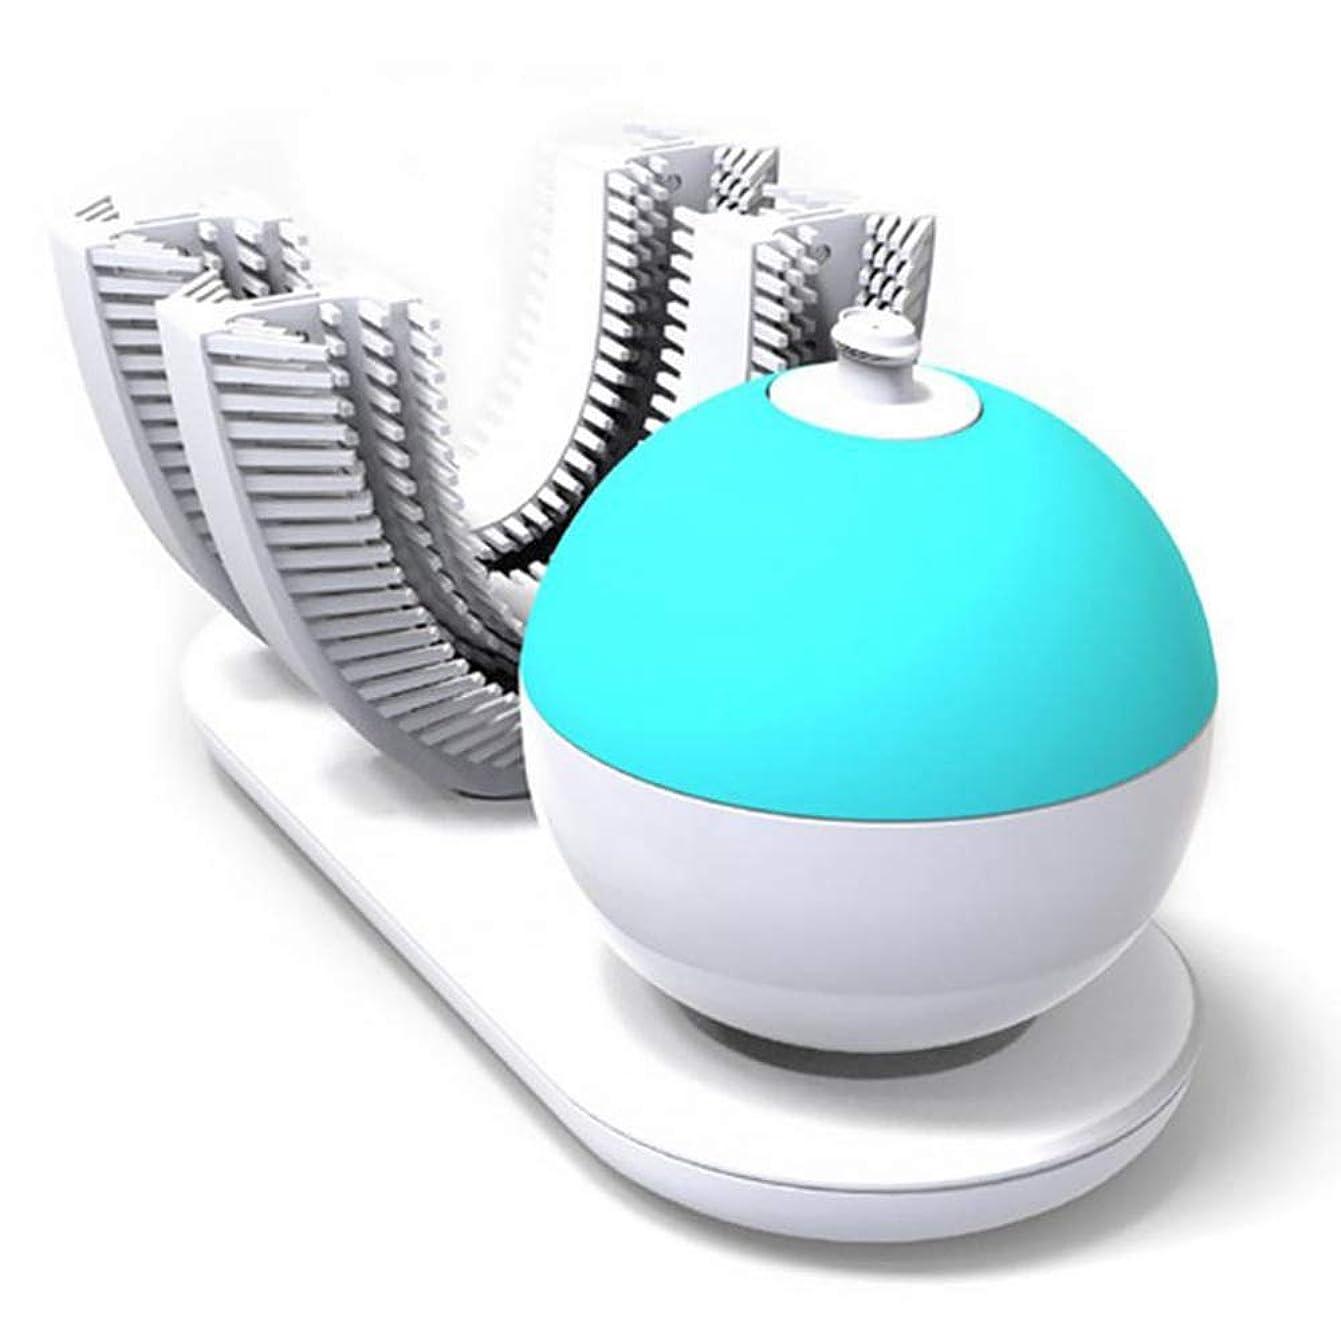 春若さポルティコ自動的に電動歯ブラシ、U字型の360°全歯のホワイトニングアクセラレータ歯磨き中への泡IPX7の防水食品グレードシリコーンブラシヘッドホワイトニングセットを作るために